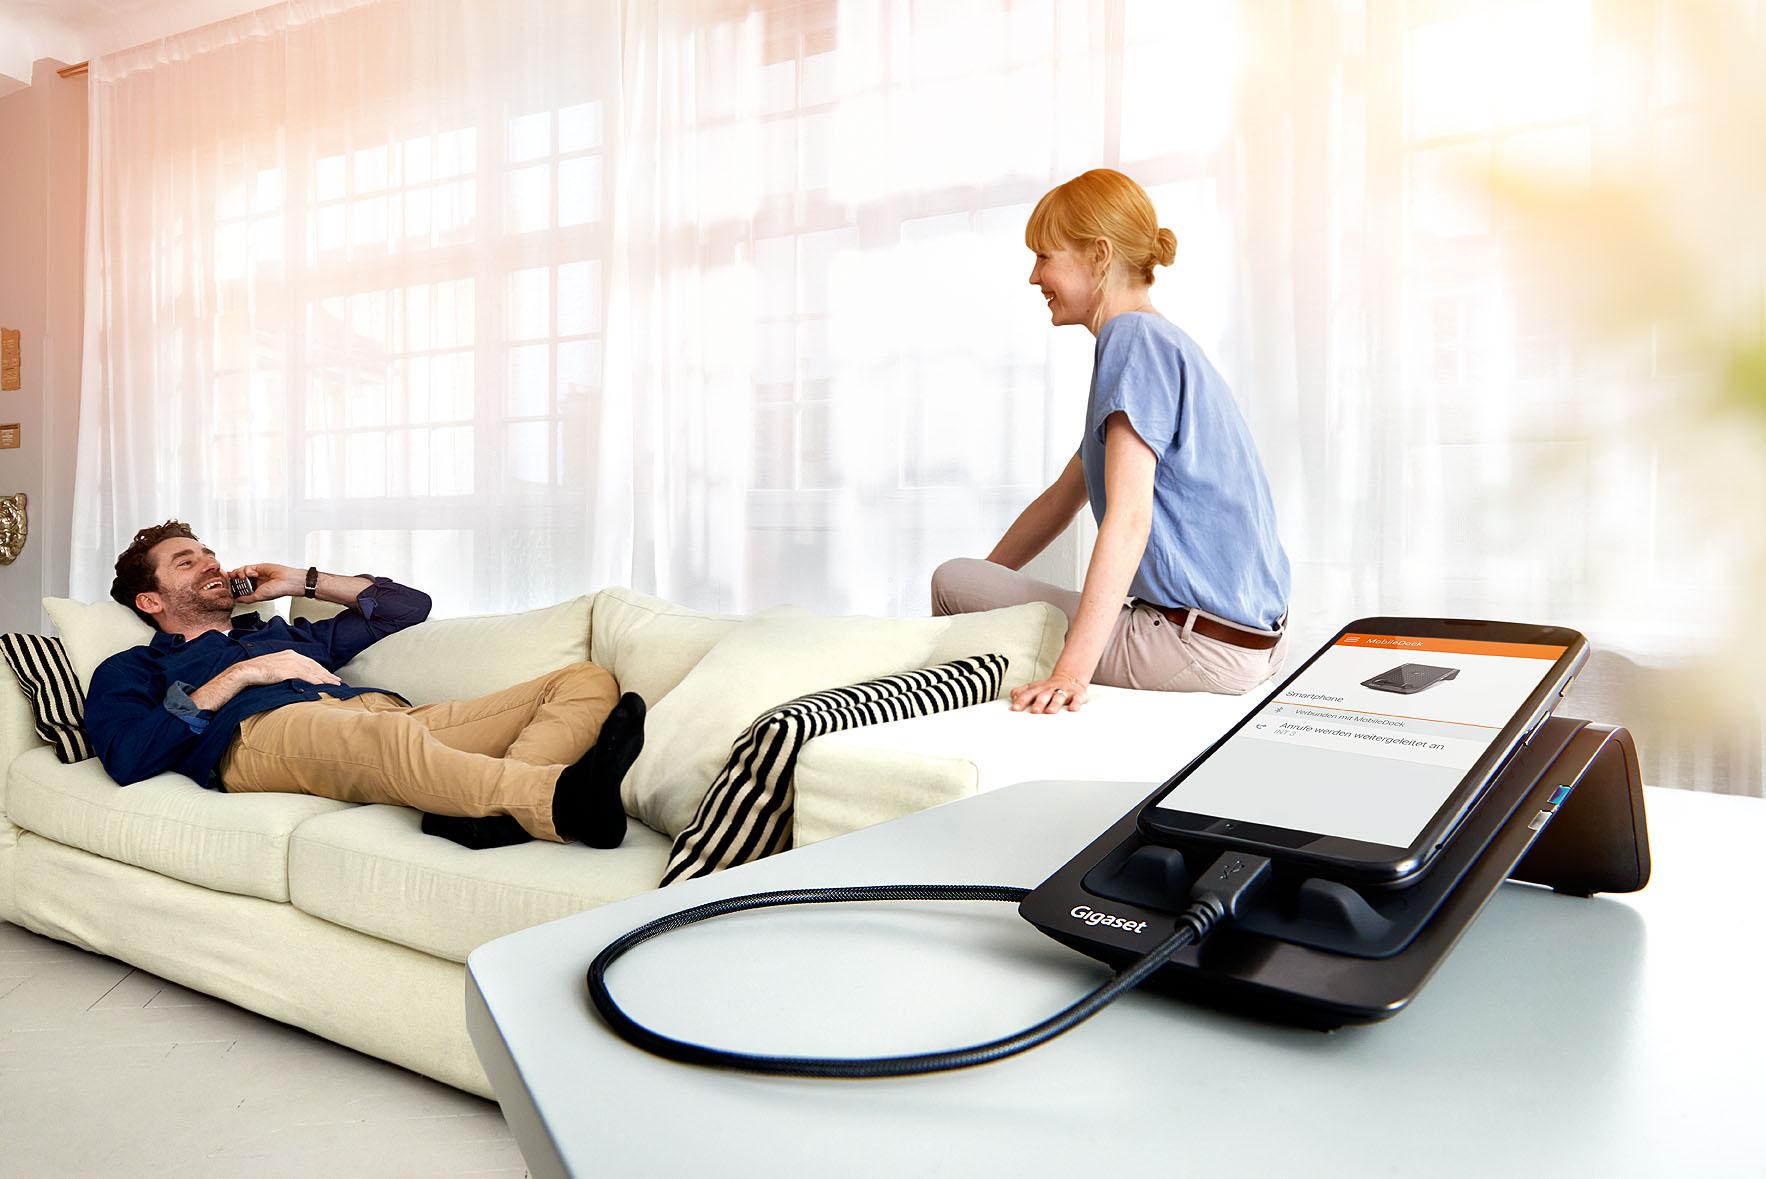 Komfortabel und clever - die Gigaset MobileDock